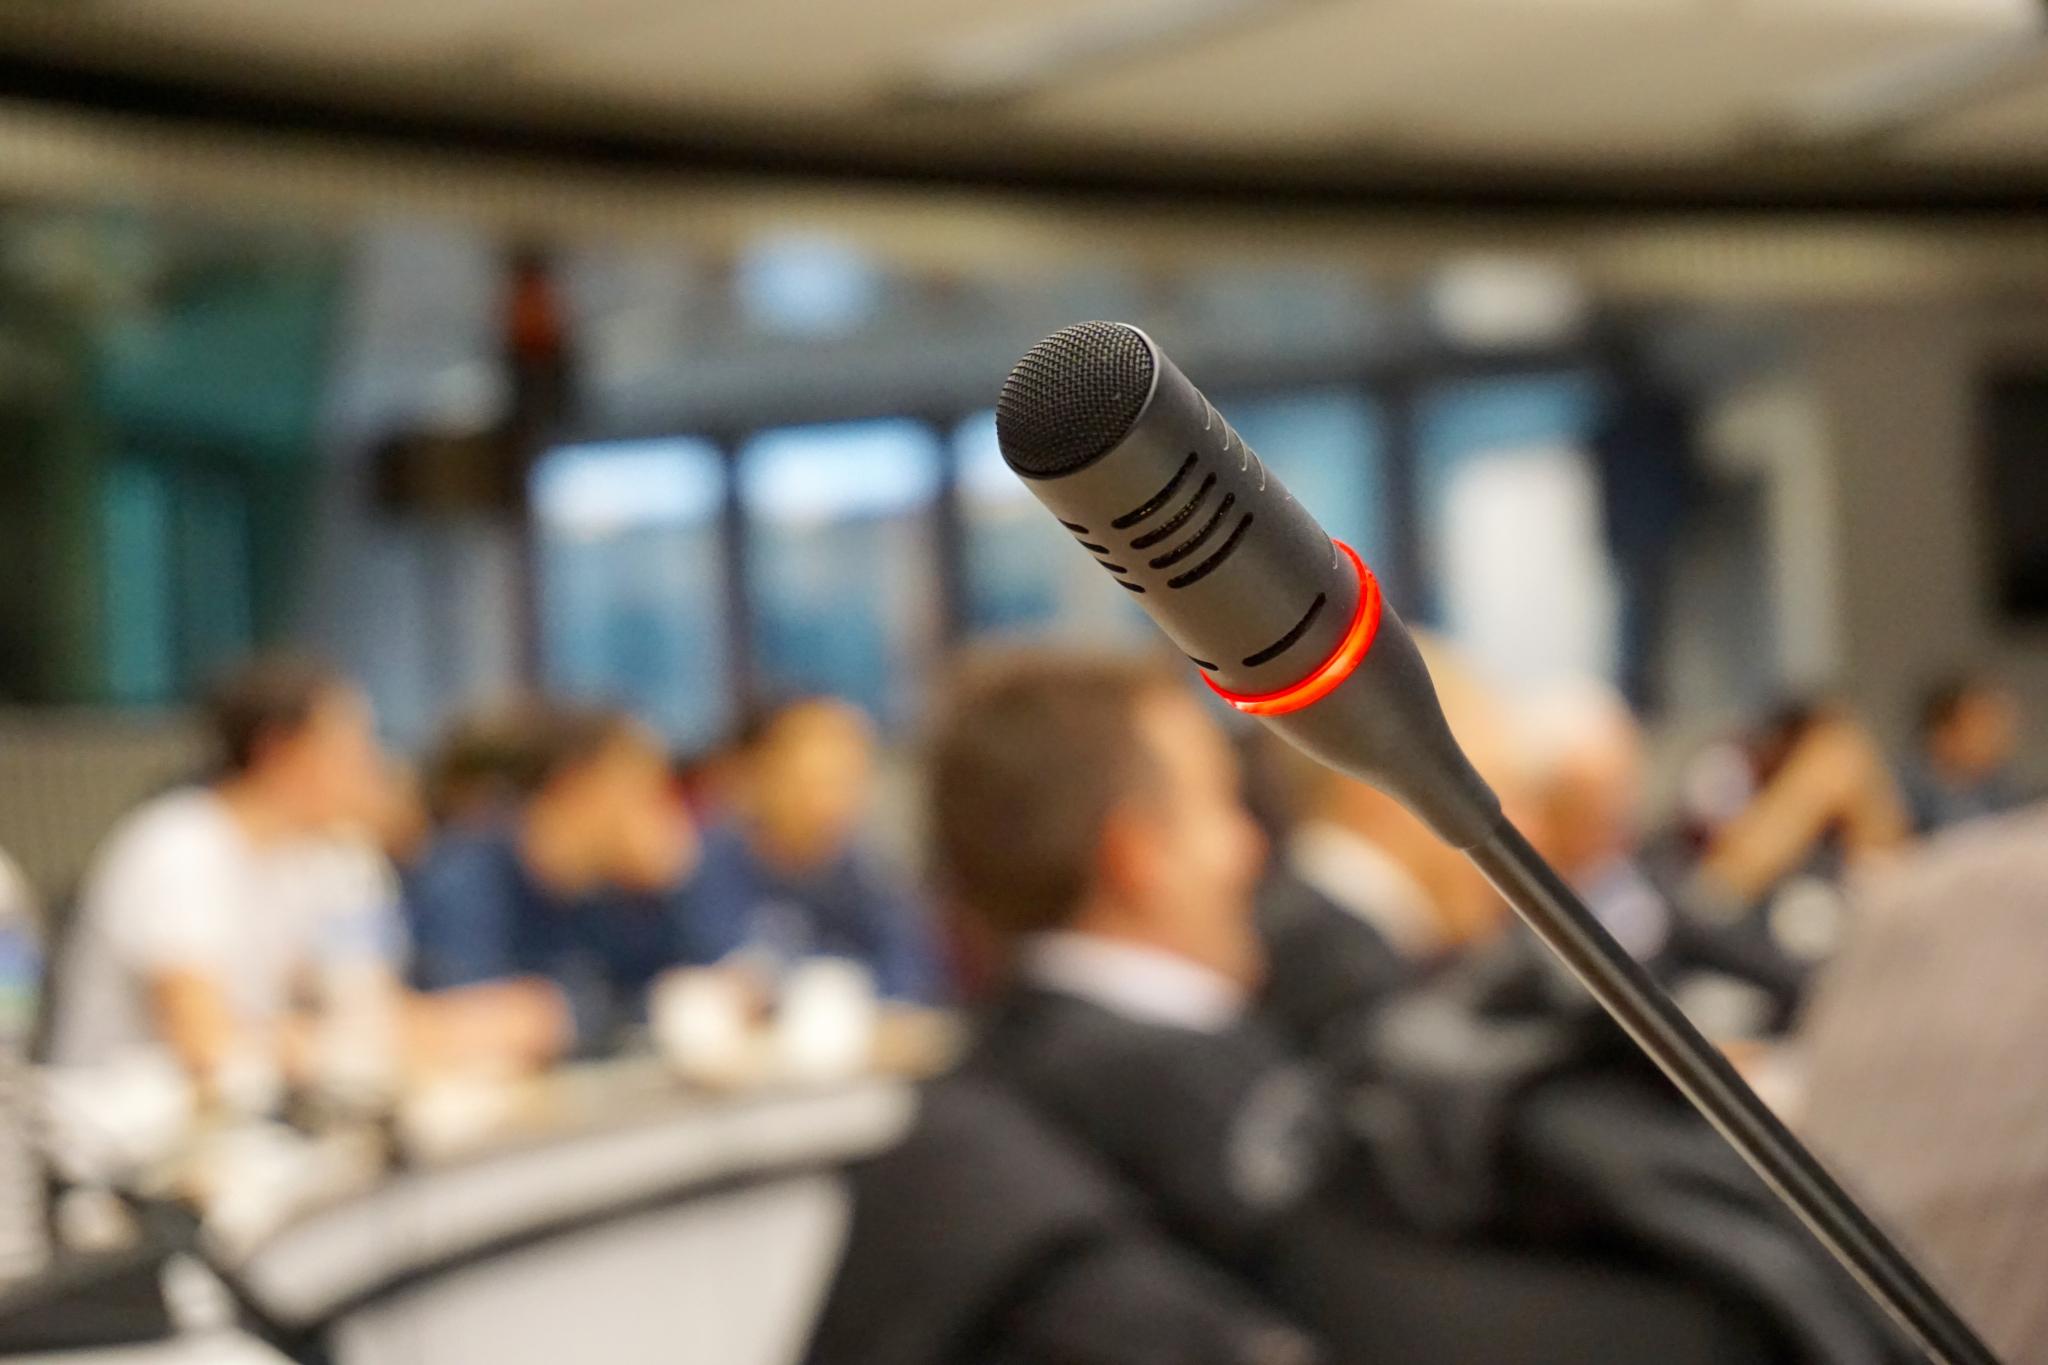 Brukerutvalget i Nordland blir hørt i større grad enn før. Illustrasjonsfoto: Pixabay